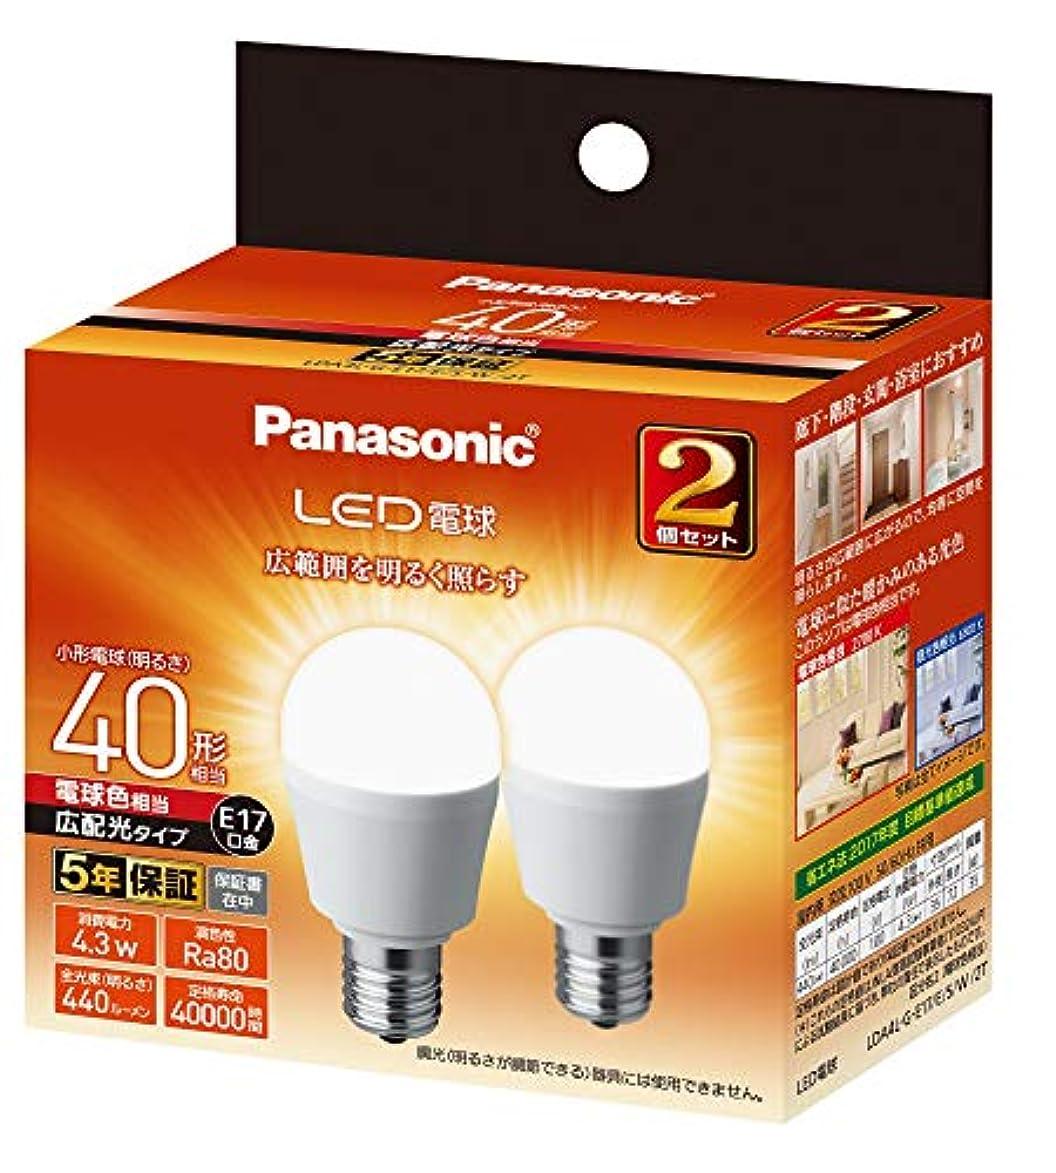 商業の文化直感パナソニック LED電球 口金直径17mm 電球40W形相当 電球色相当(4.3W) 小形電球?広配光タイプ 2個入 密閉器具対応 LDA4LGE17ESW2T